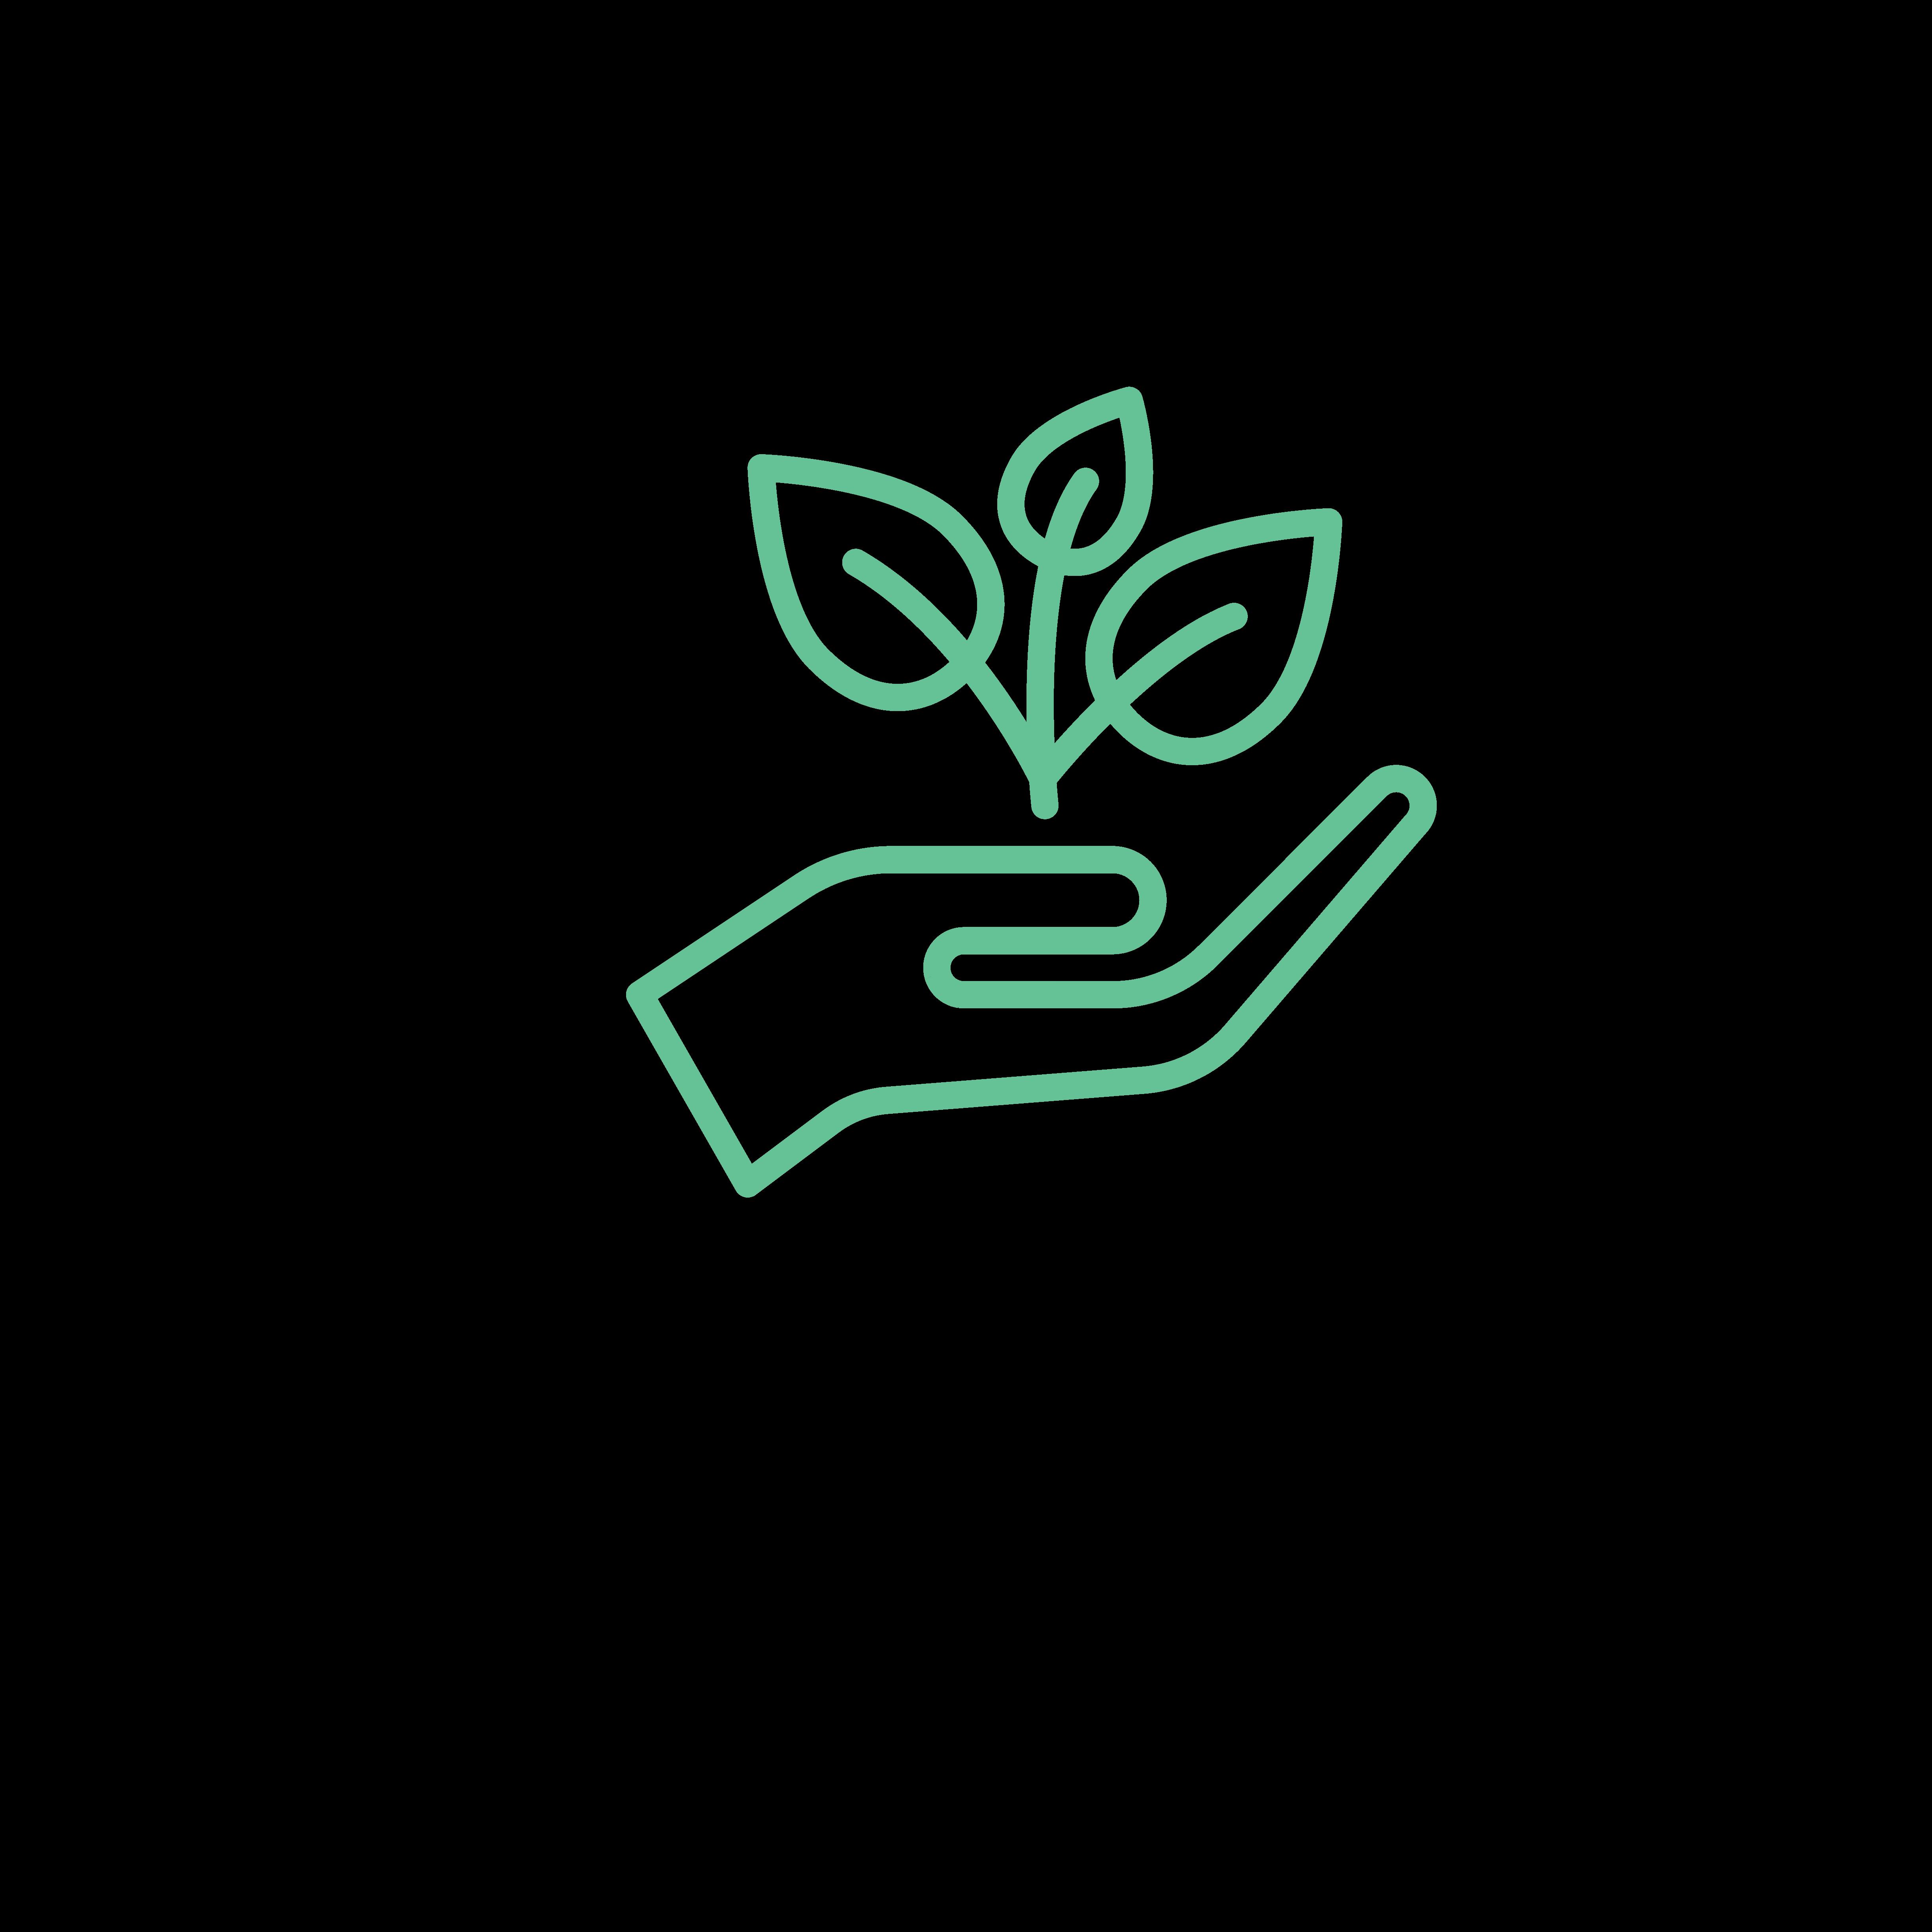 argalys essentiels complement alimentaire logo couleur2 100% clean 160x160